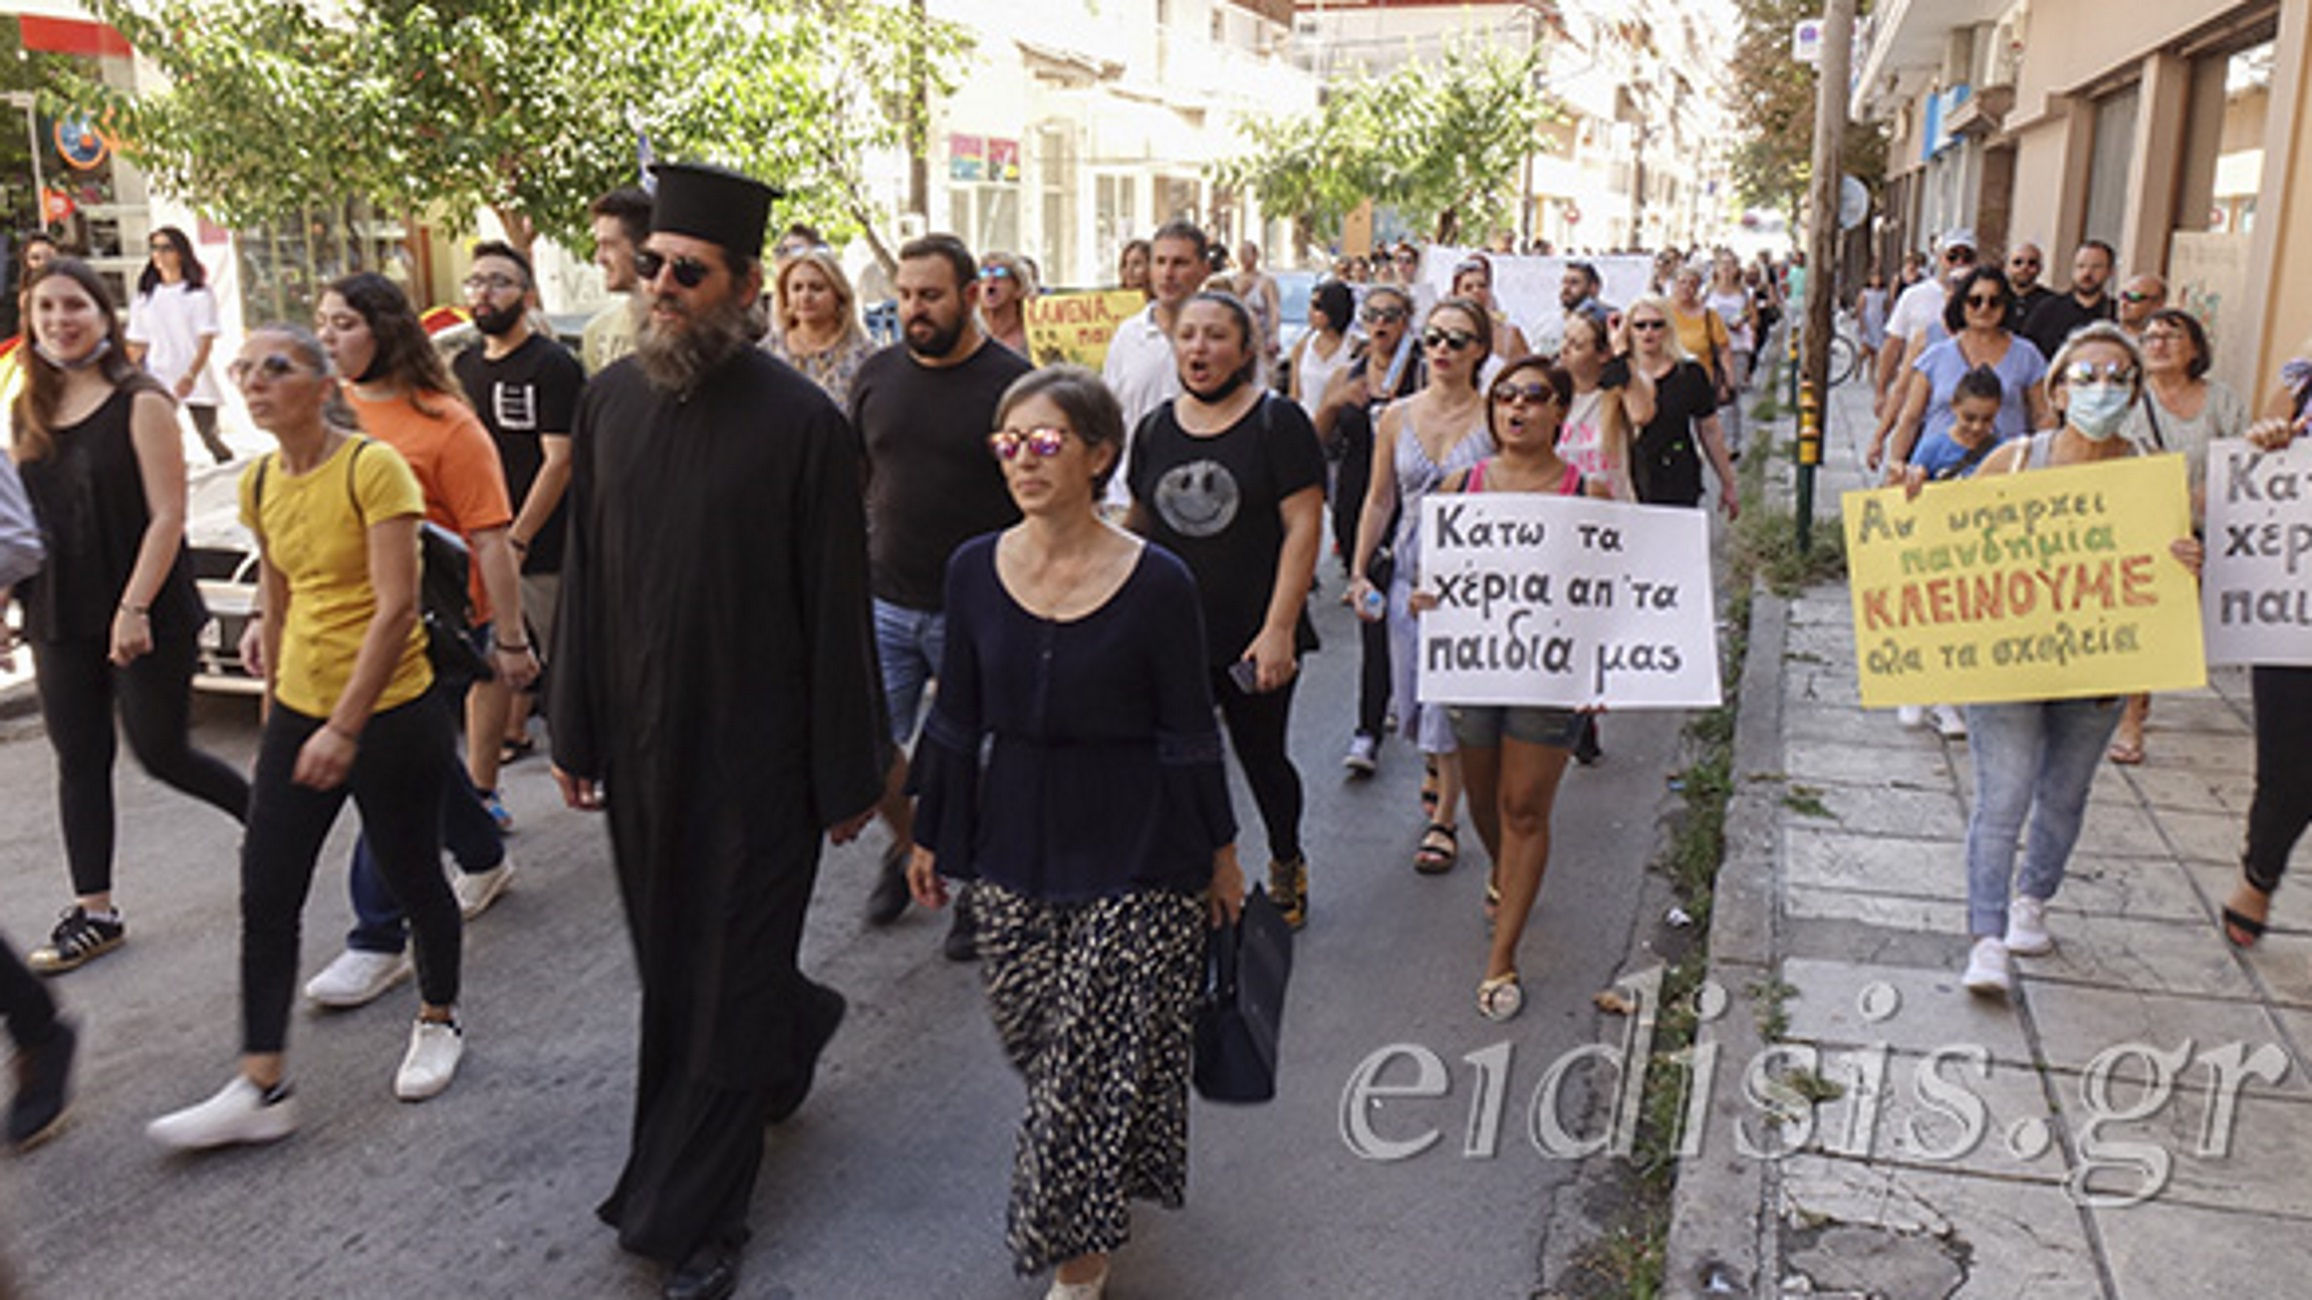 Κιλκίς: Ξανά στους δρόμους οι αρνητές της μάσκας στα σχολεία! Προβληματίζει η στάση των αστυνομικών (Φωτό)